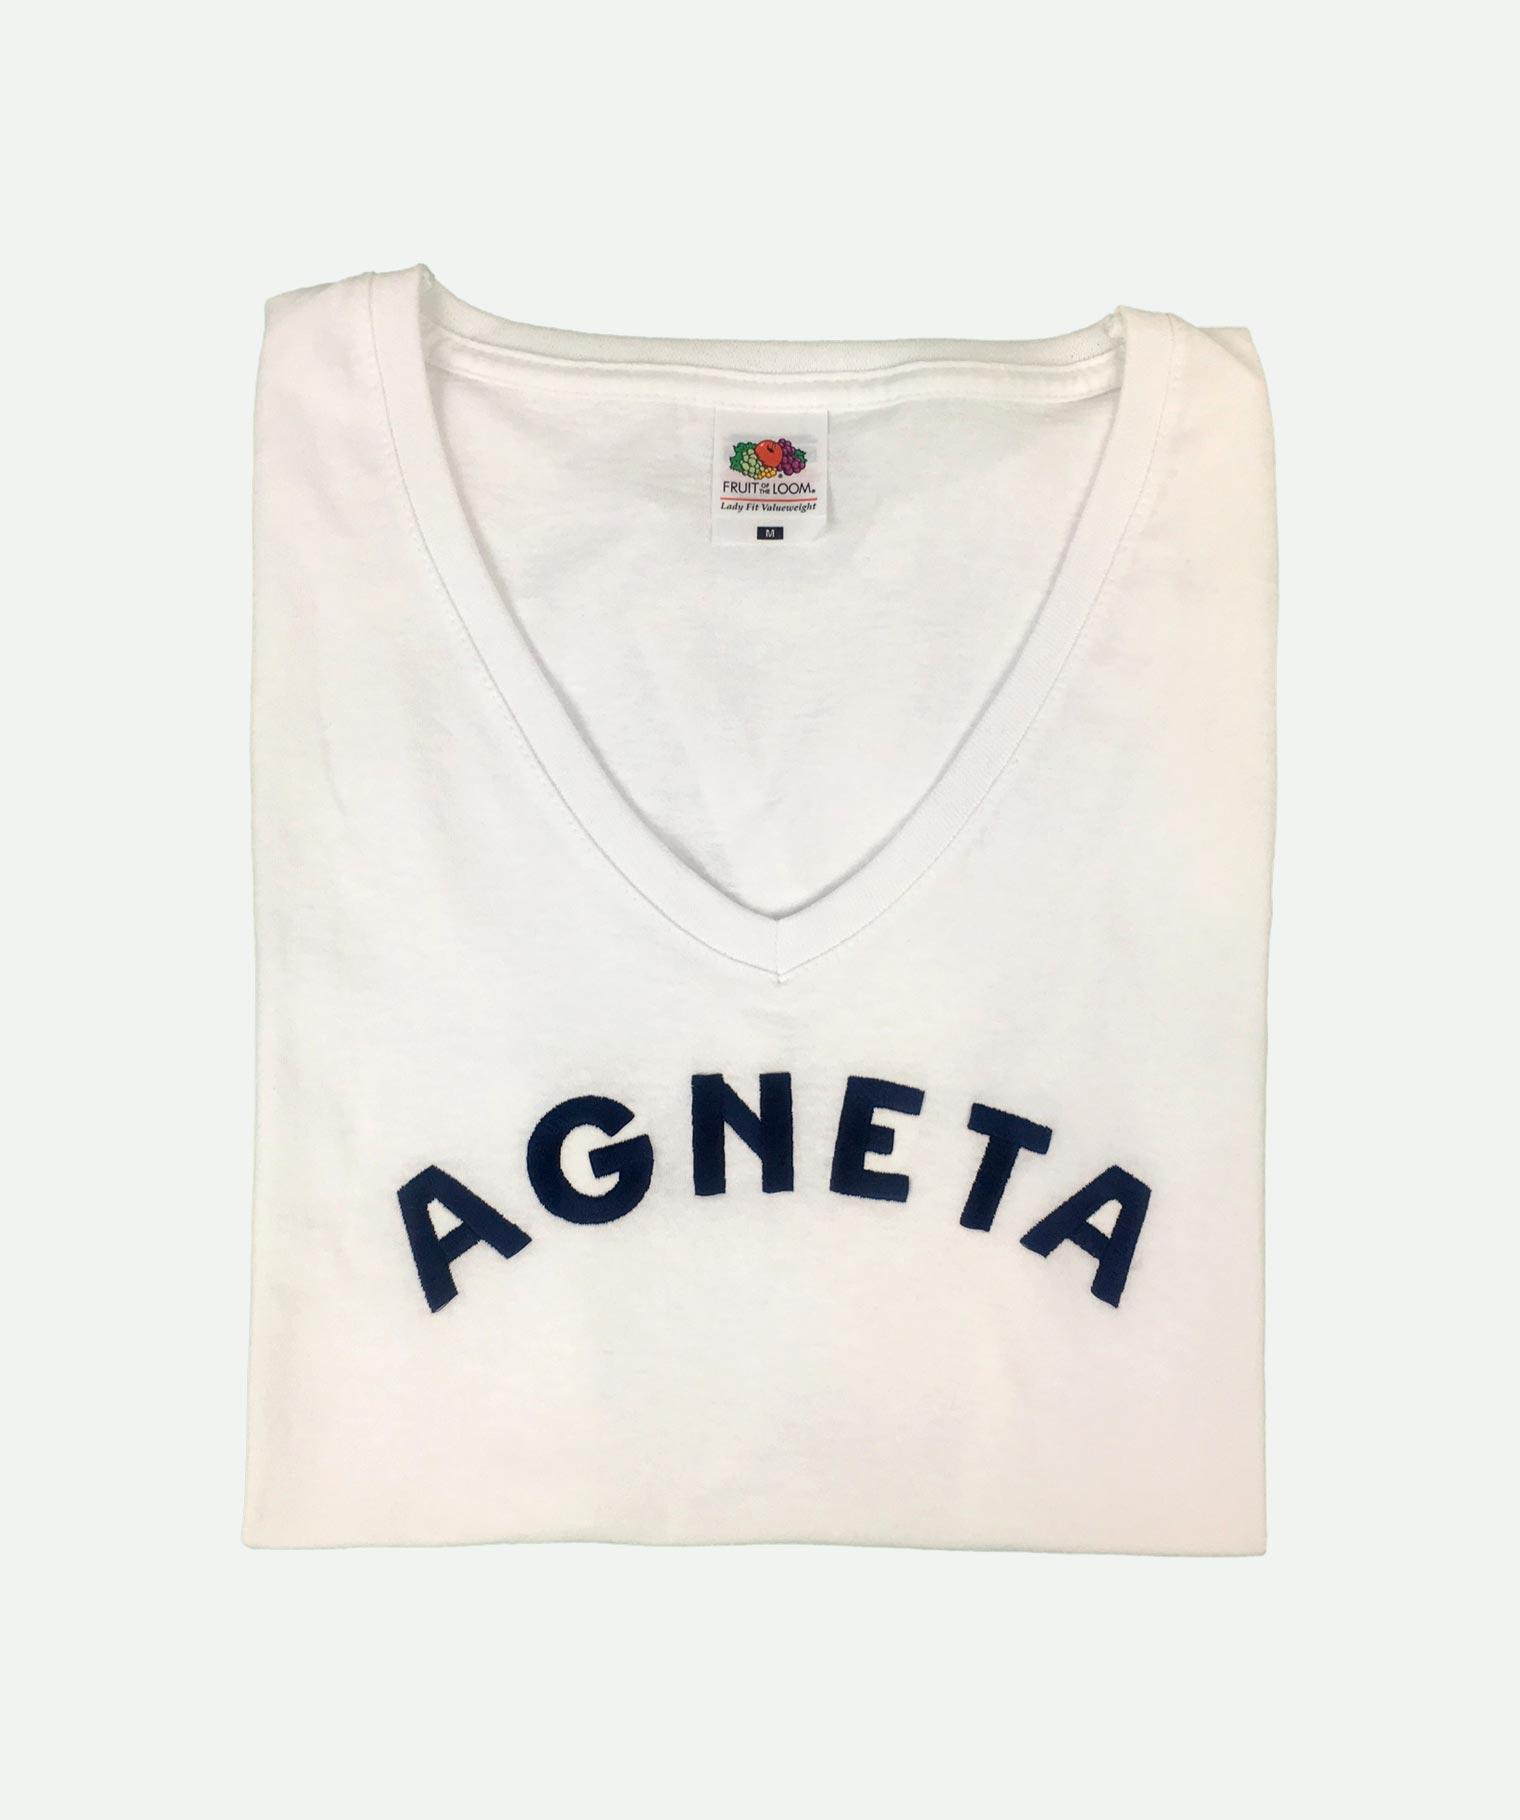 Camiseta bordada de pico blanca